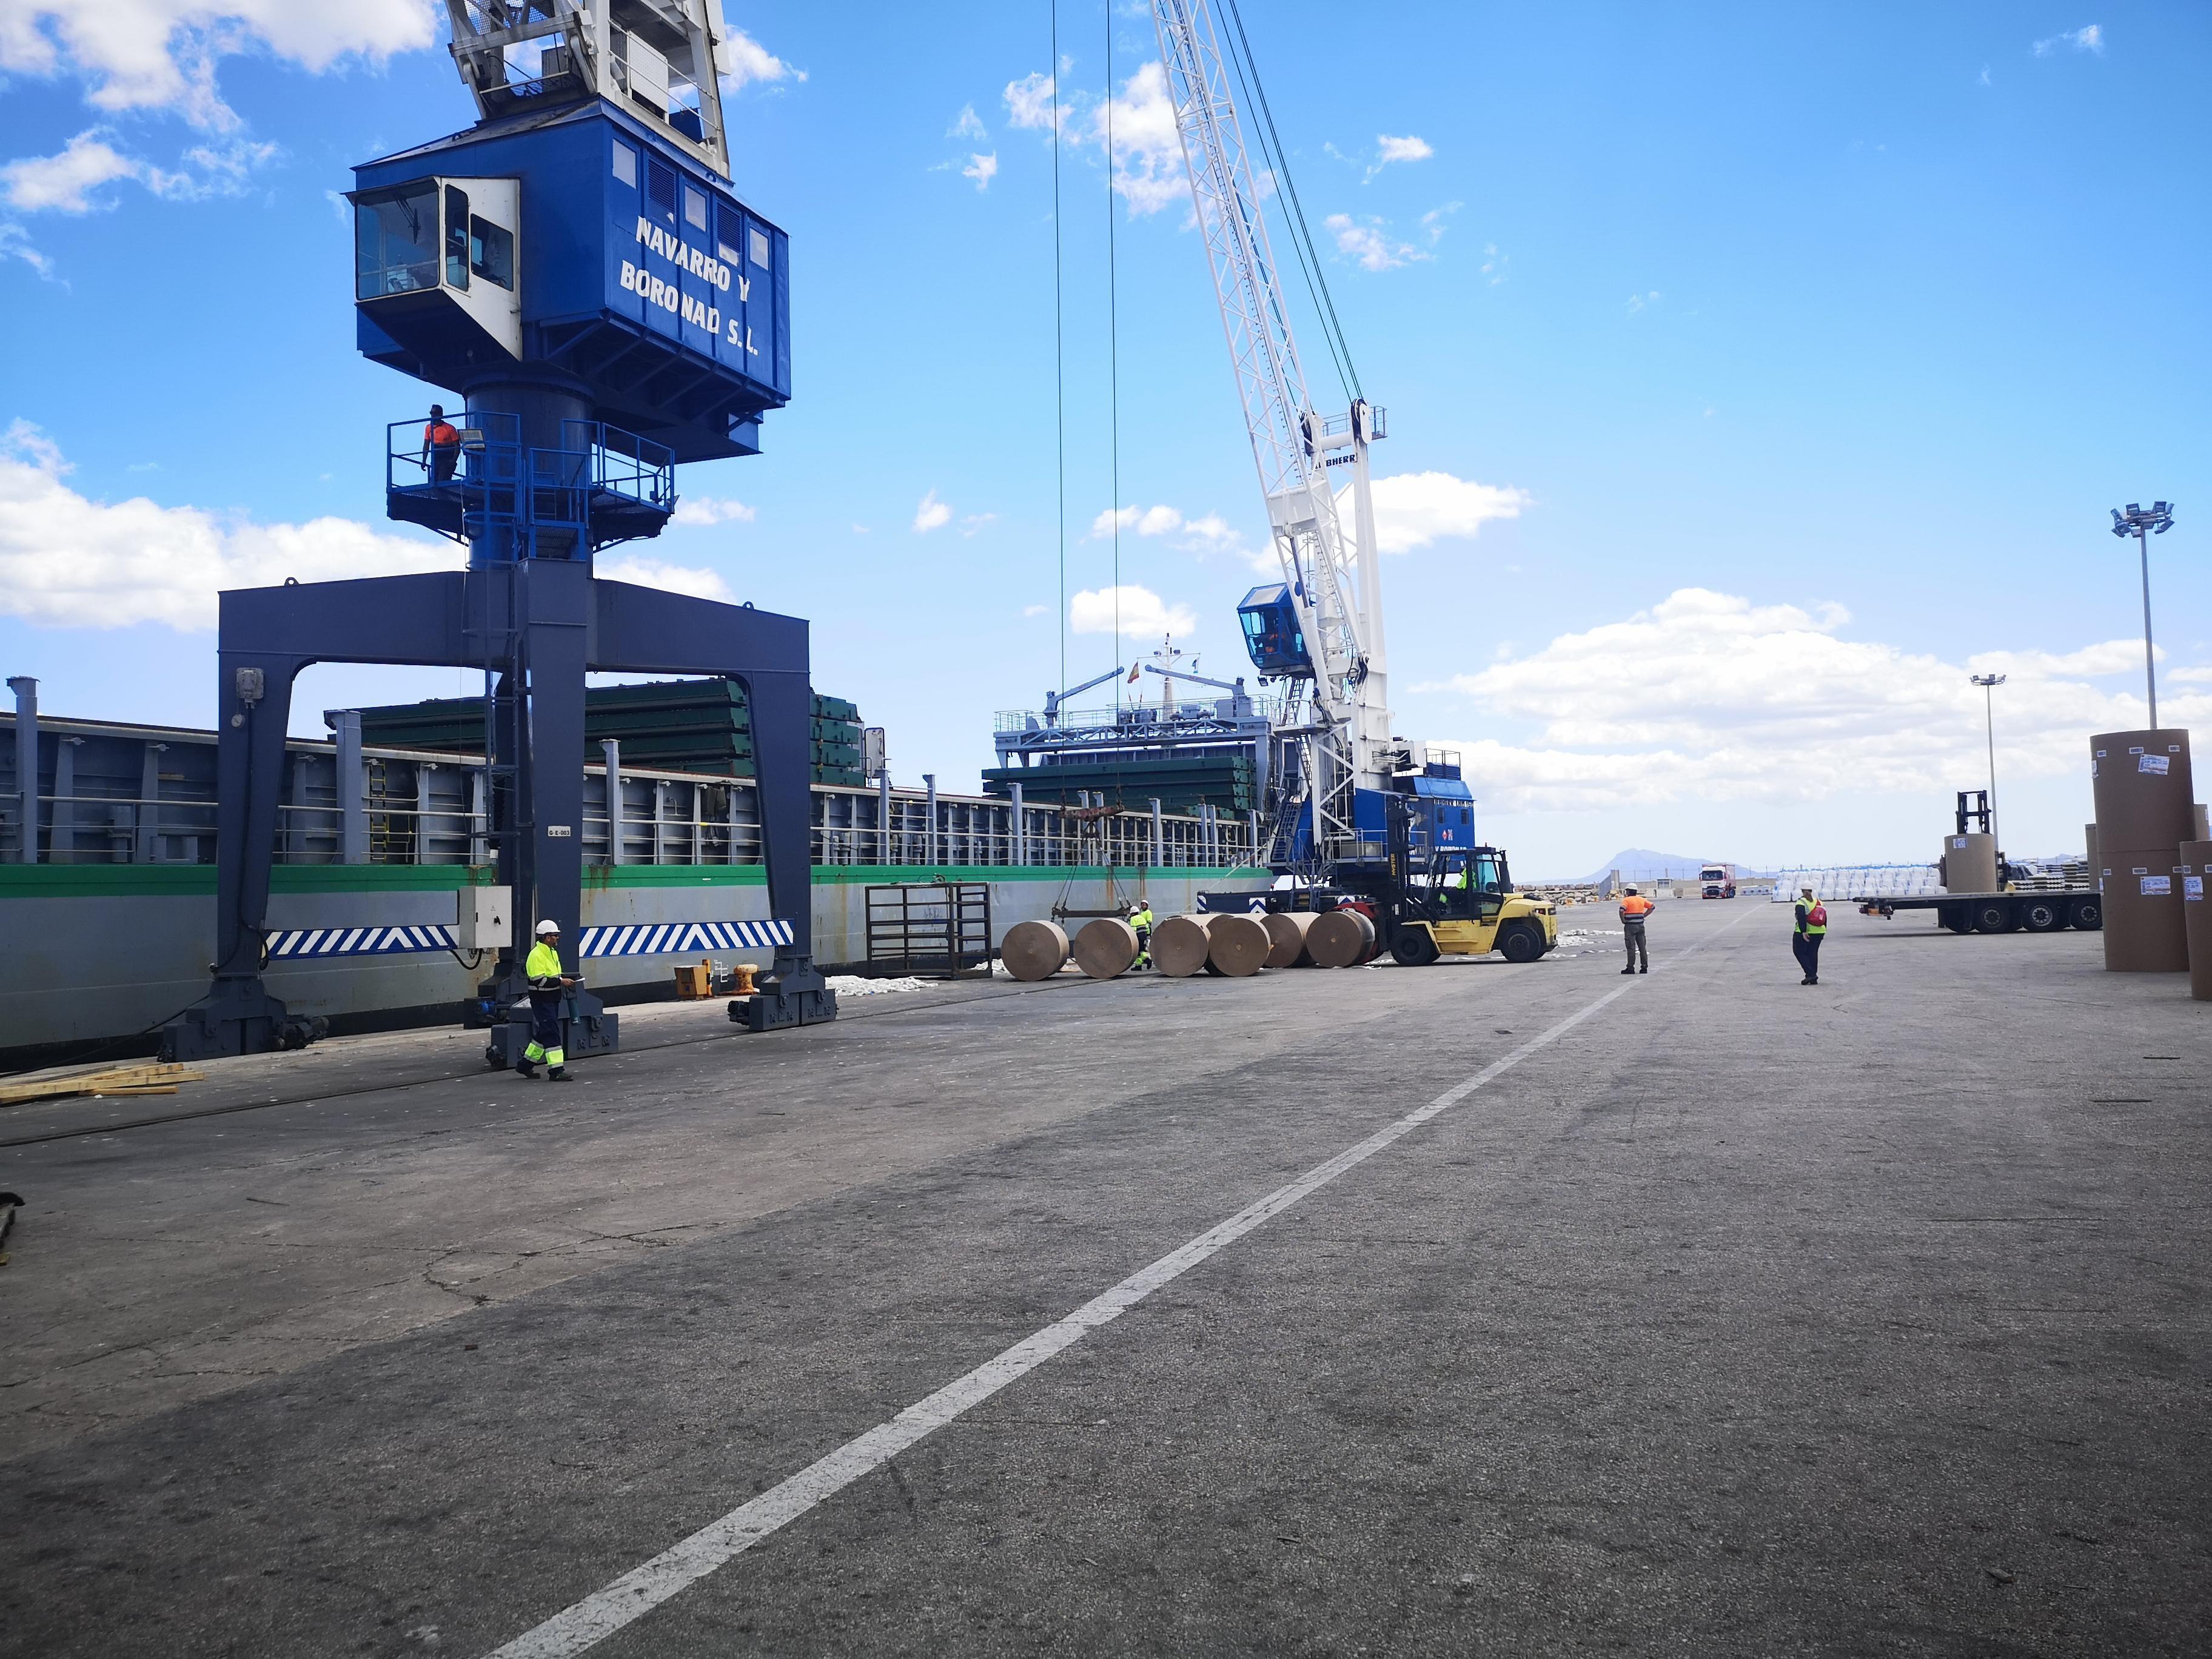 Valenciaport reactiva sus inversiones con la adjudicación de una obra en el puerto de Gandia